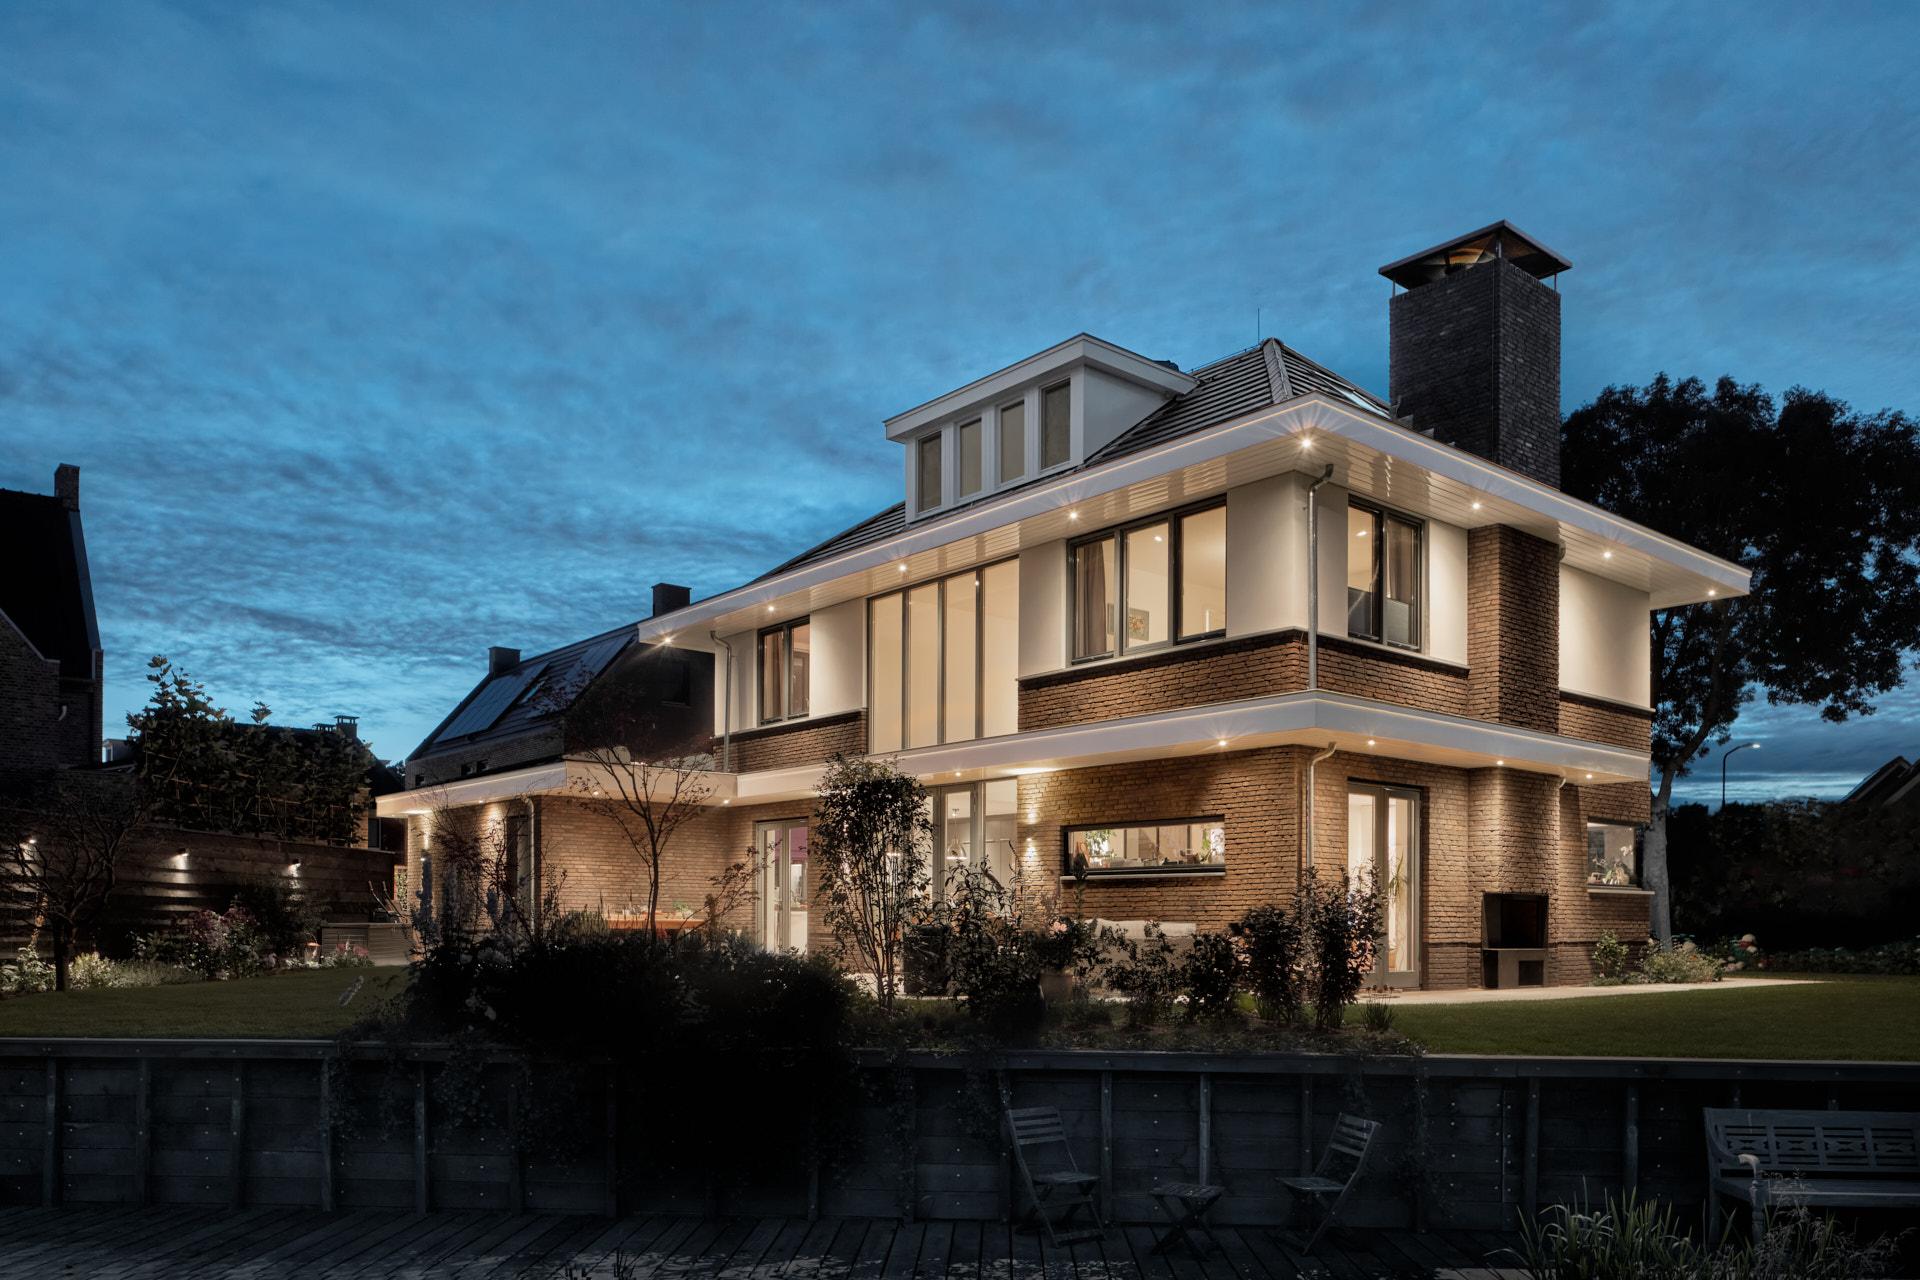 Ontwerp voor moderne villa in jaren 30 stijl door architectenbureau Maxim Winkelaar uit Amsterdam.